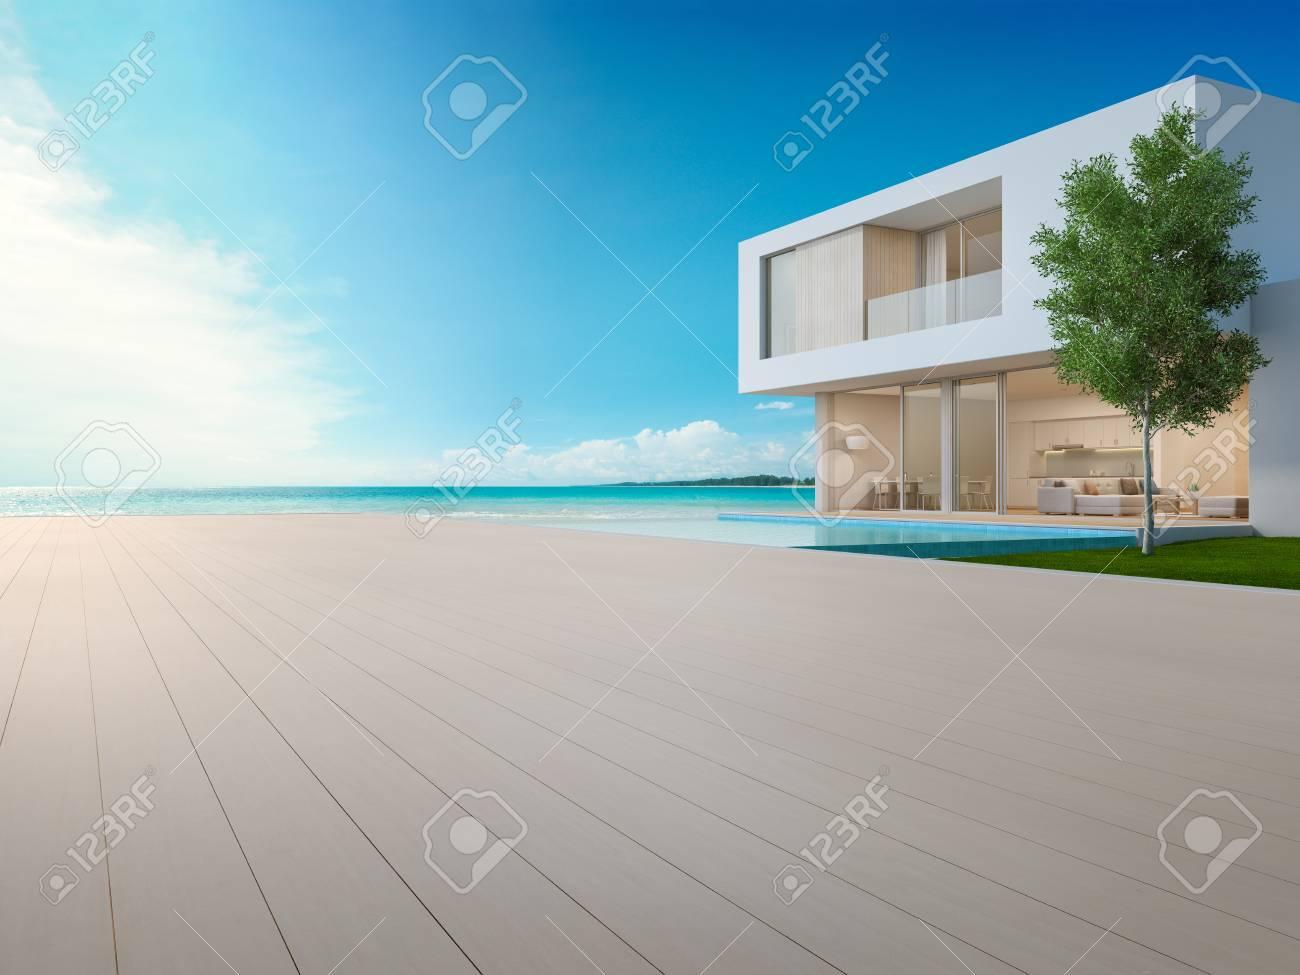 Lujosa Casa De Playa Con Piscina Con Vista Al Mar Y Terraza De Diseño Moderno Cubierta De Piso De Madera Vacía En La Casa De Vacaciones U Hotel